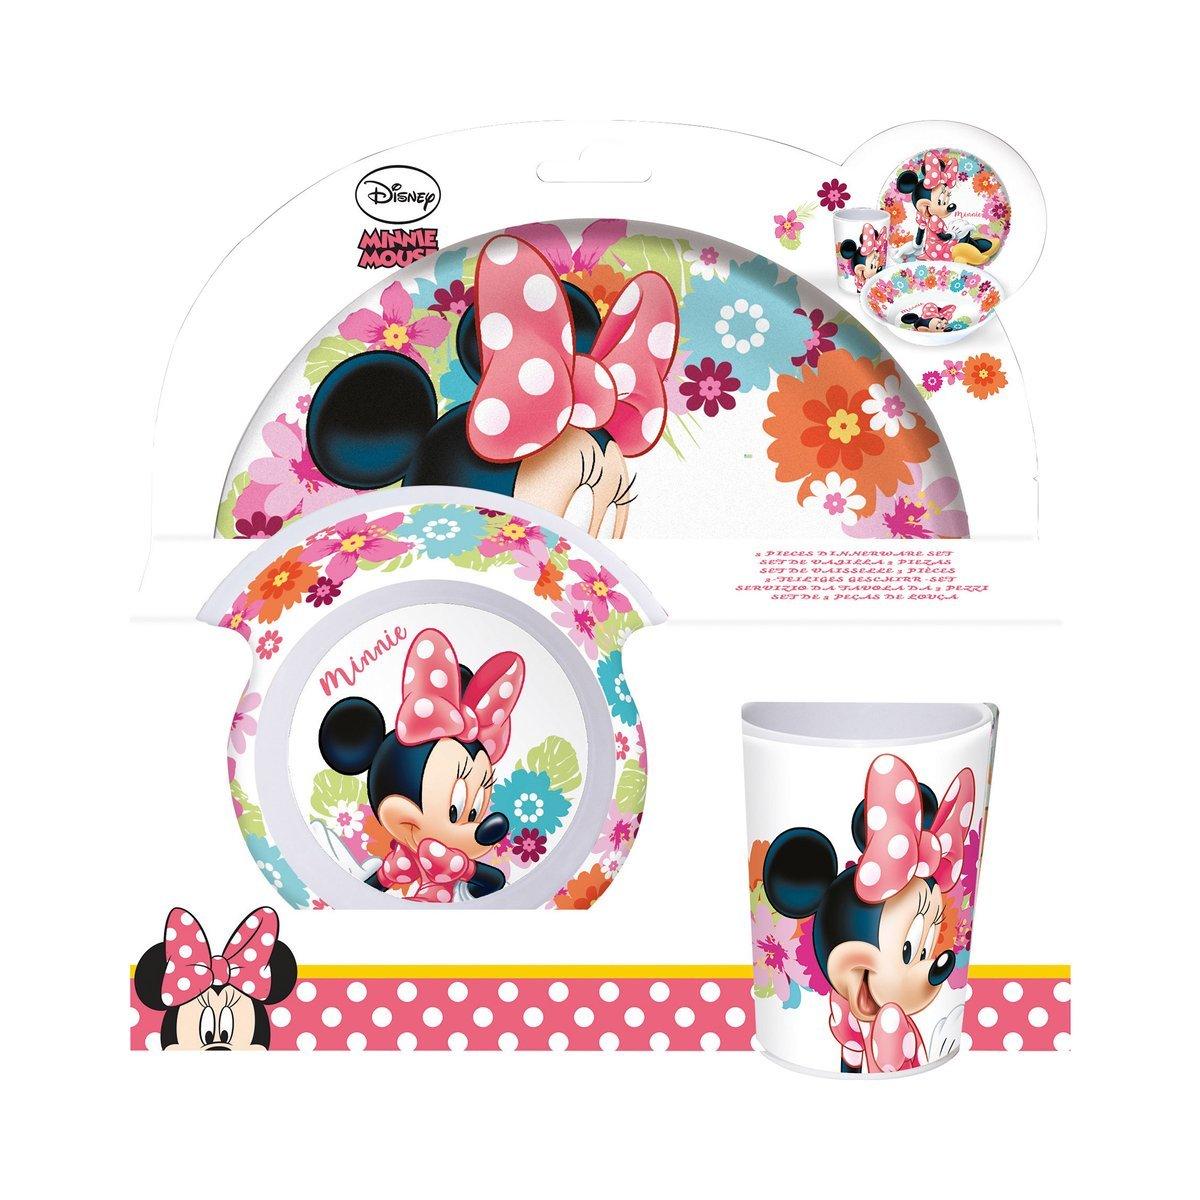 P:os 21707 - Set de desayuno (3 piezas: plato, cuenco y vaso), diseñ o de Minnie Mouse diseño de Minnie Mouse